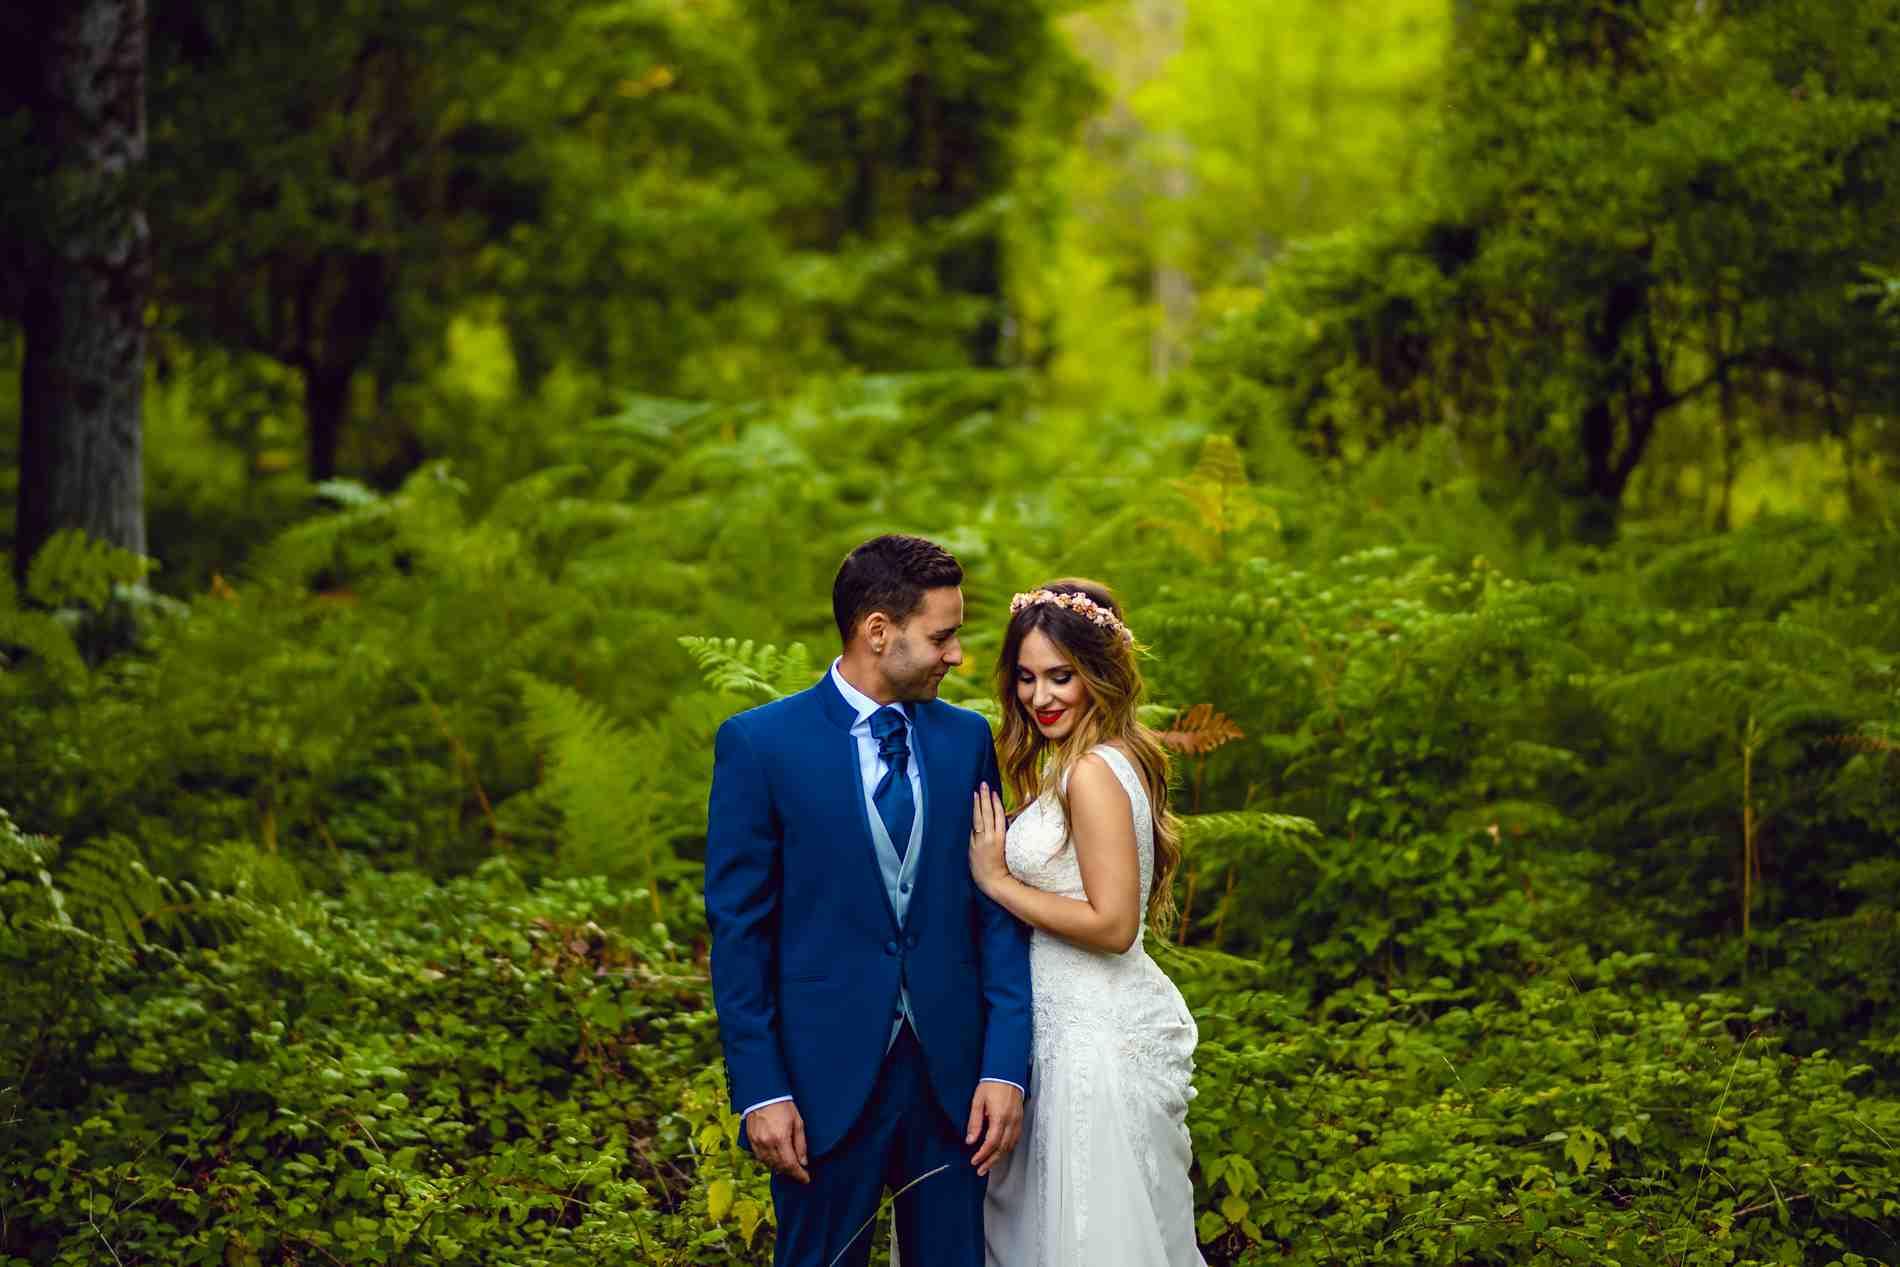 Fotógrafo de bodas en Toledo - postboda en el bosque